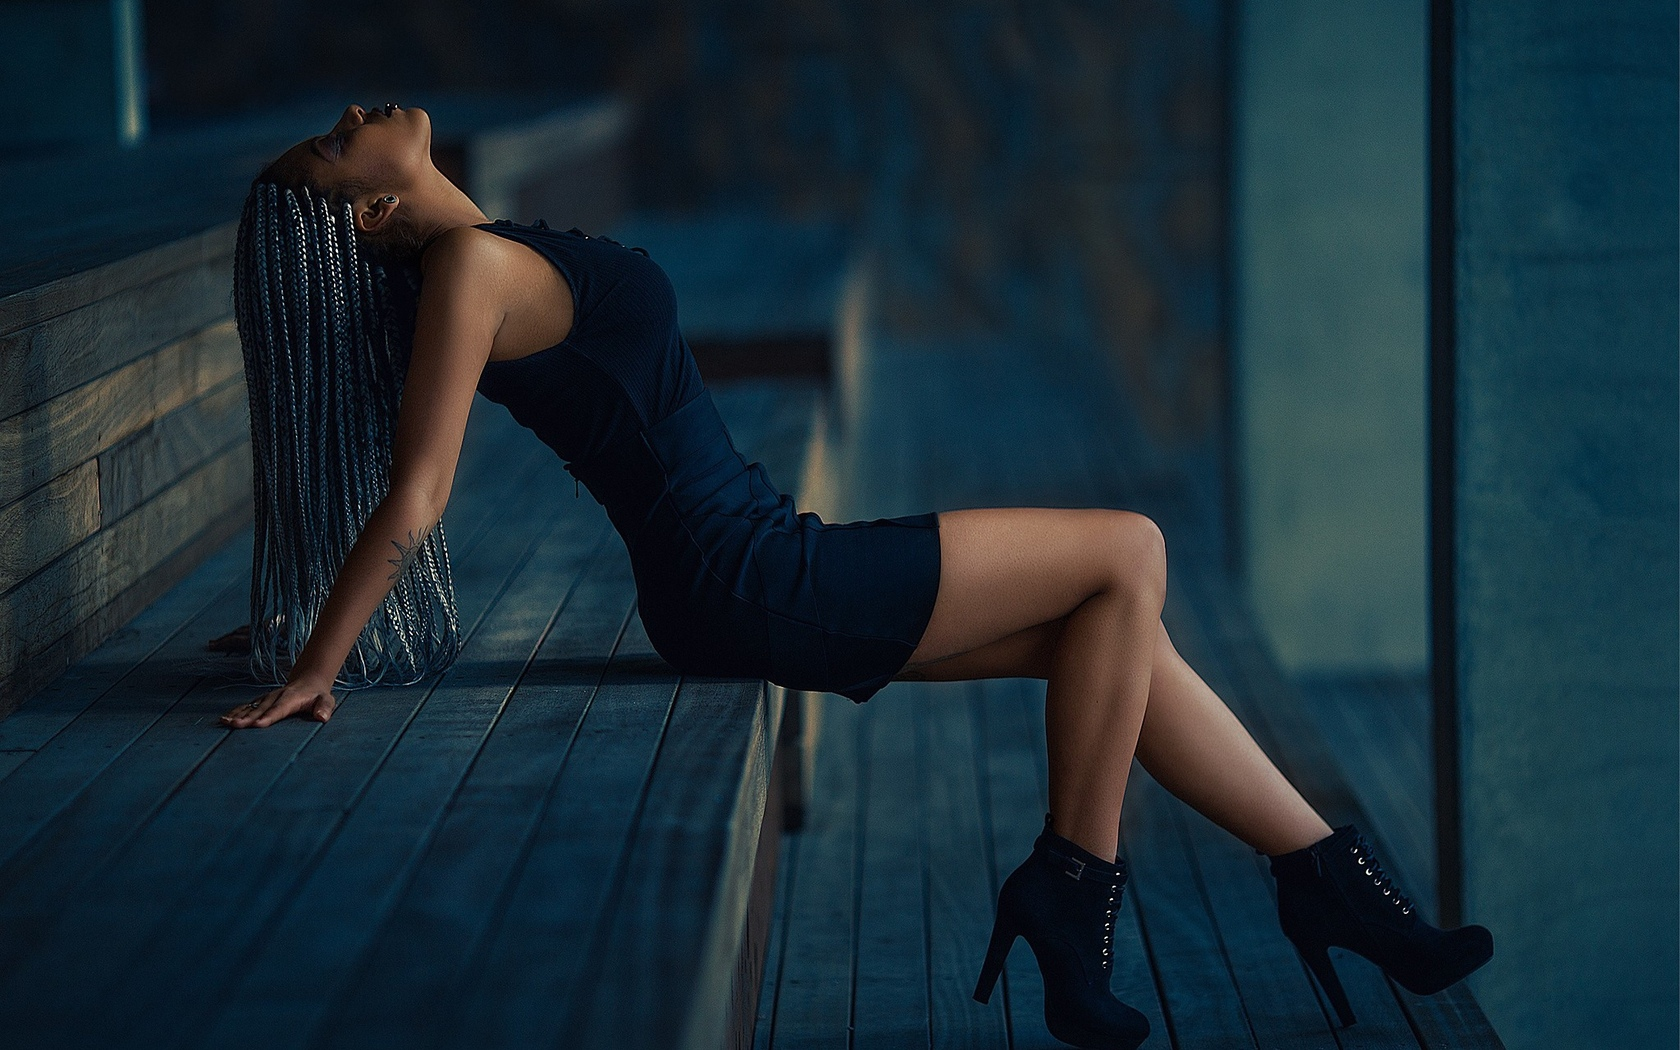 девушка, модель, позирует